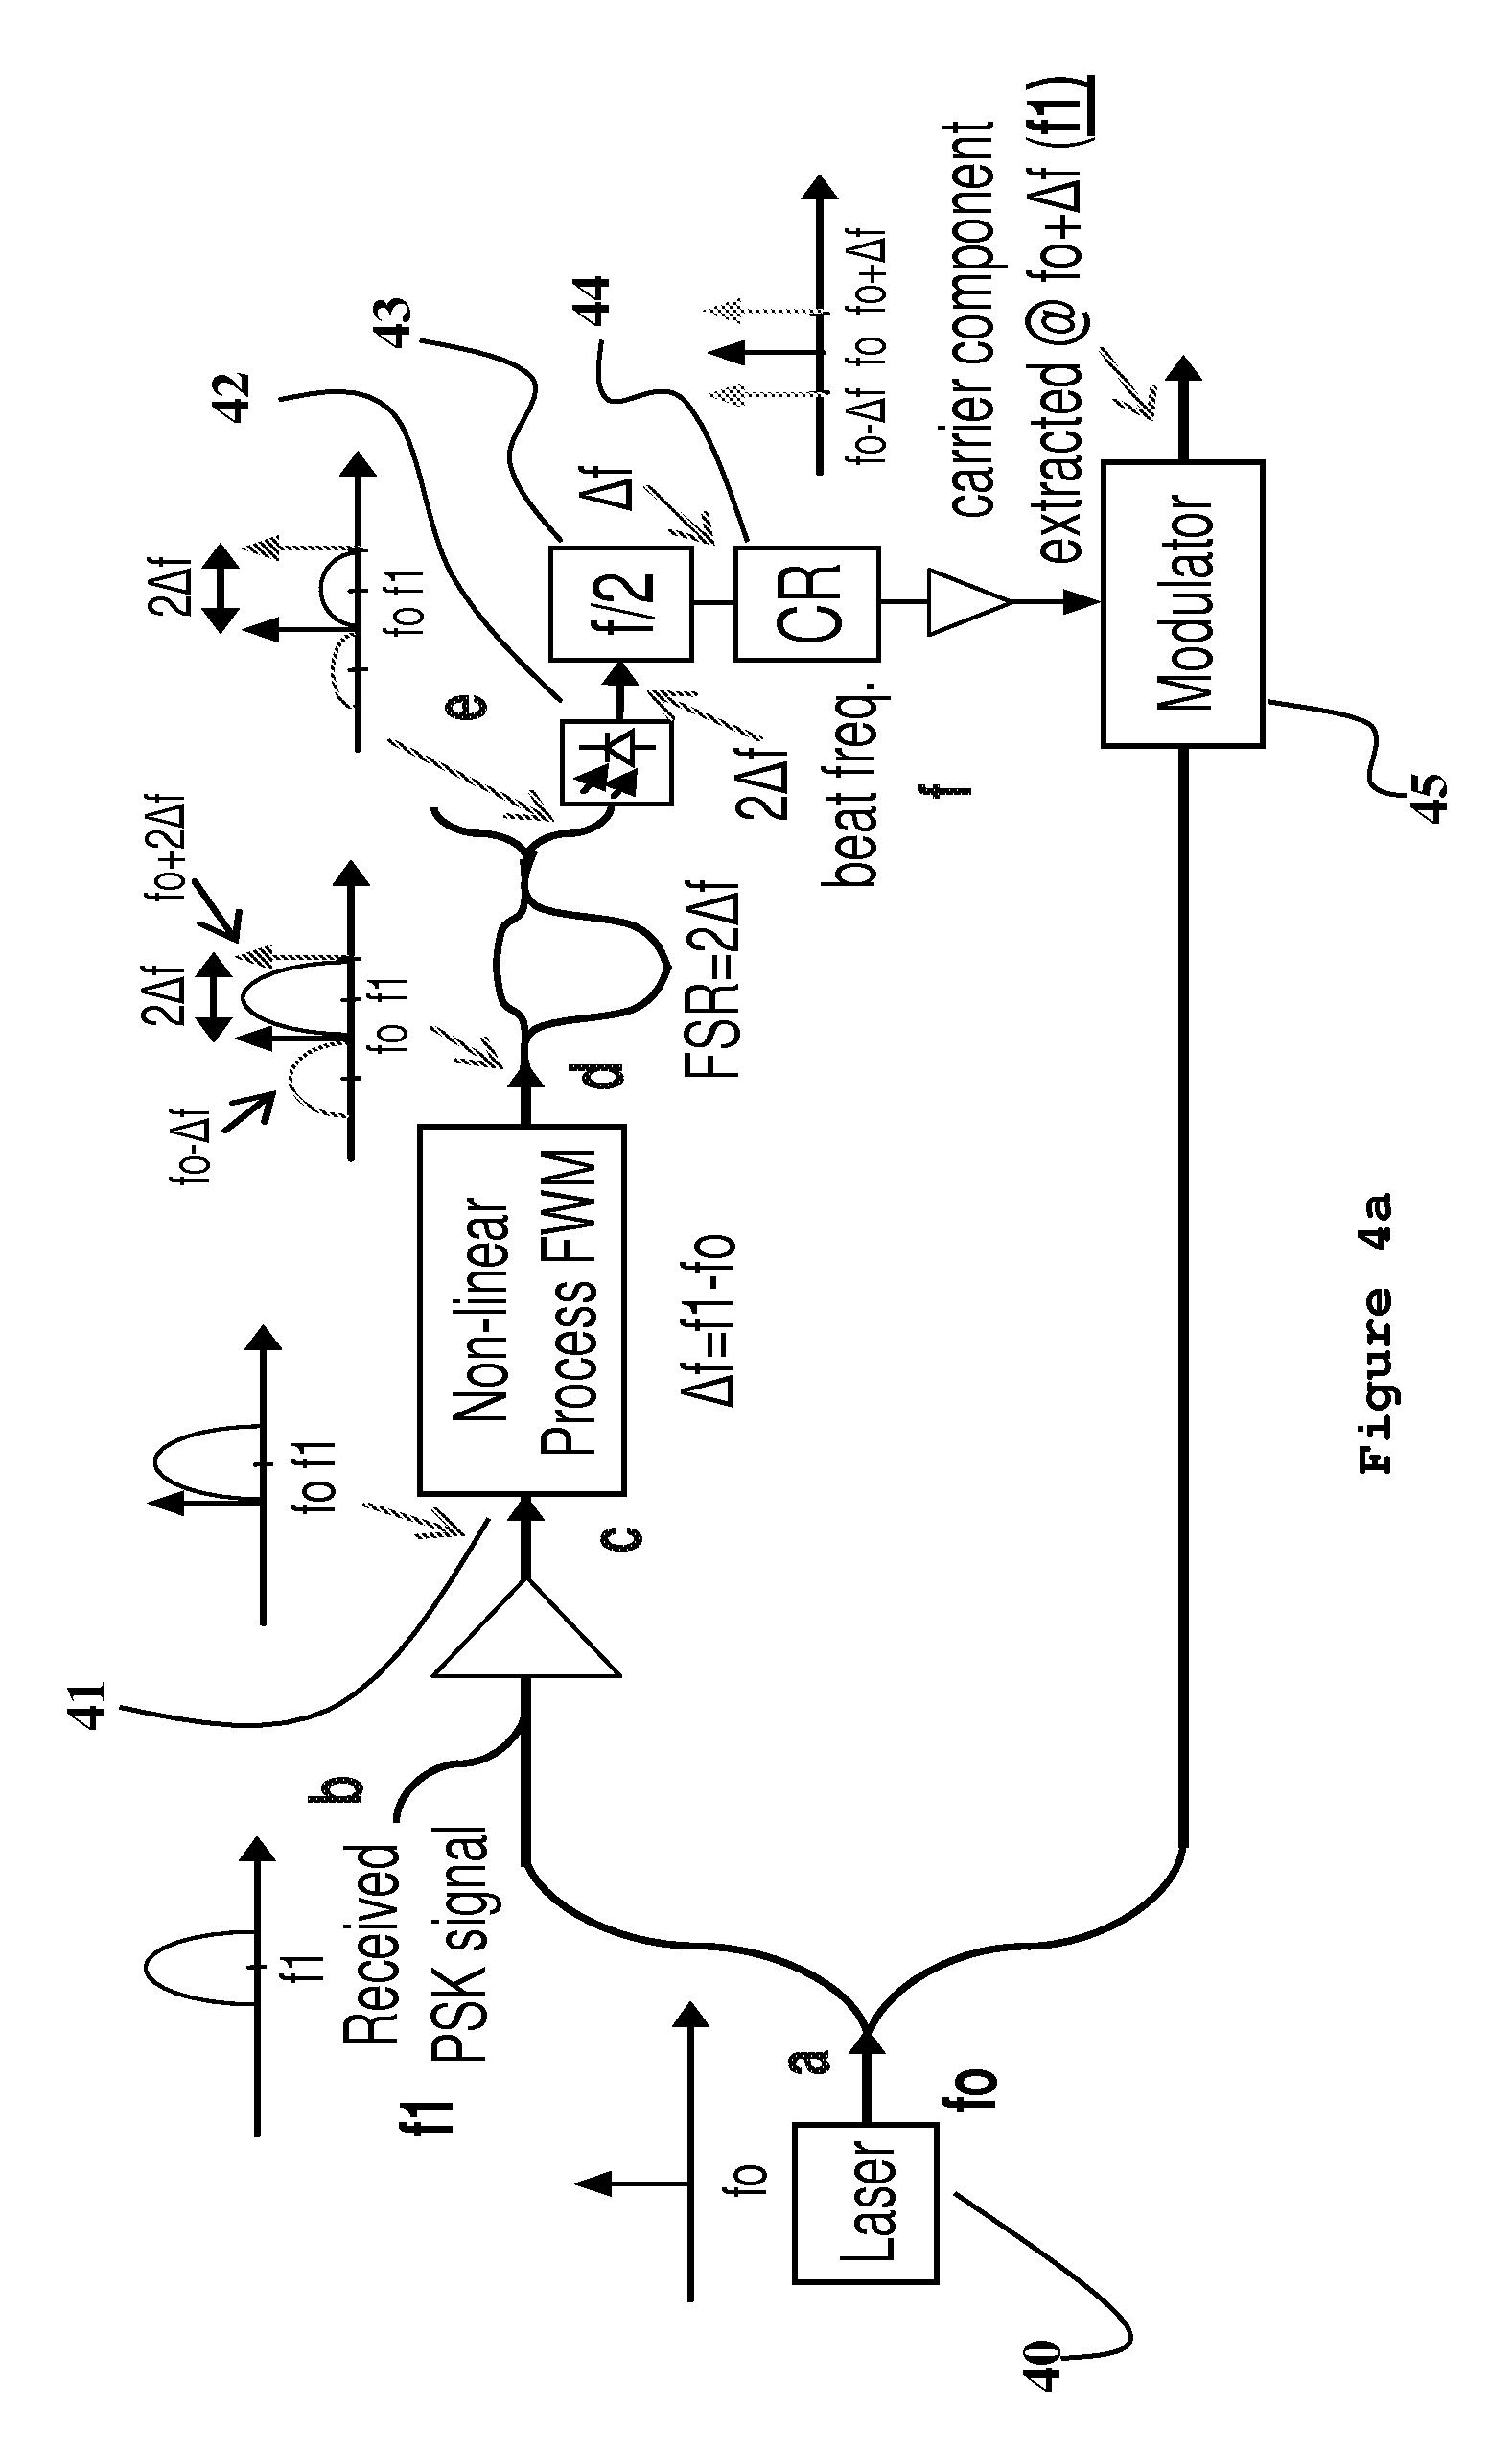 patent us20110150504